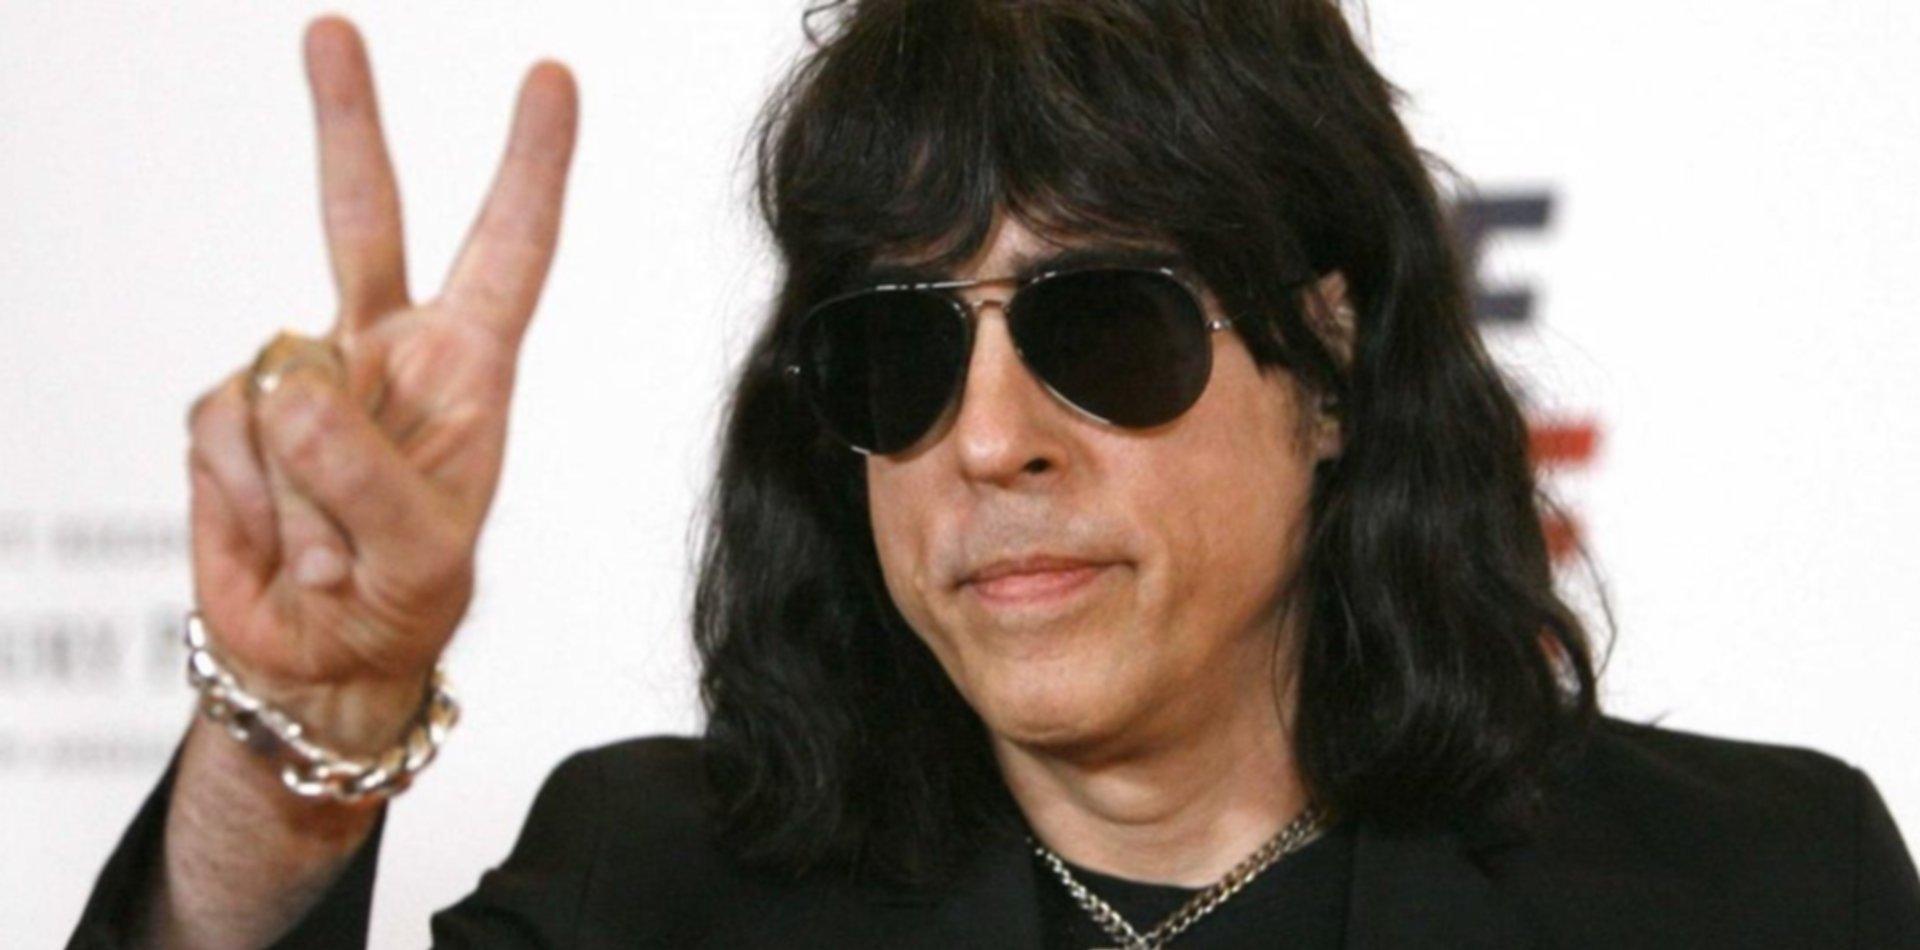 """Marky Ramone: """"El legado de los Ramones es ayudar a los jóvenes a rebelarse y a decir su verdad"""""""